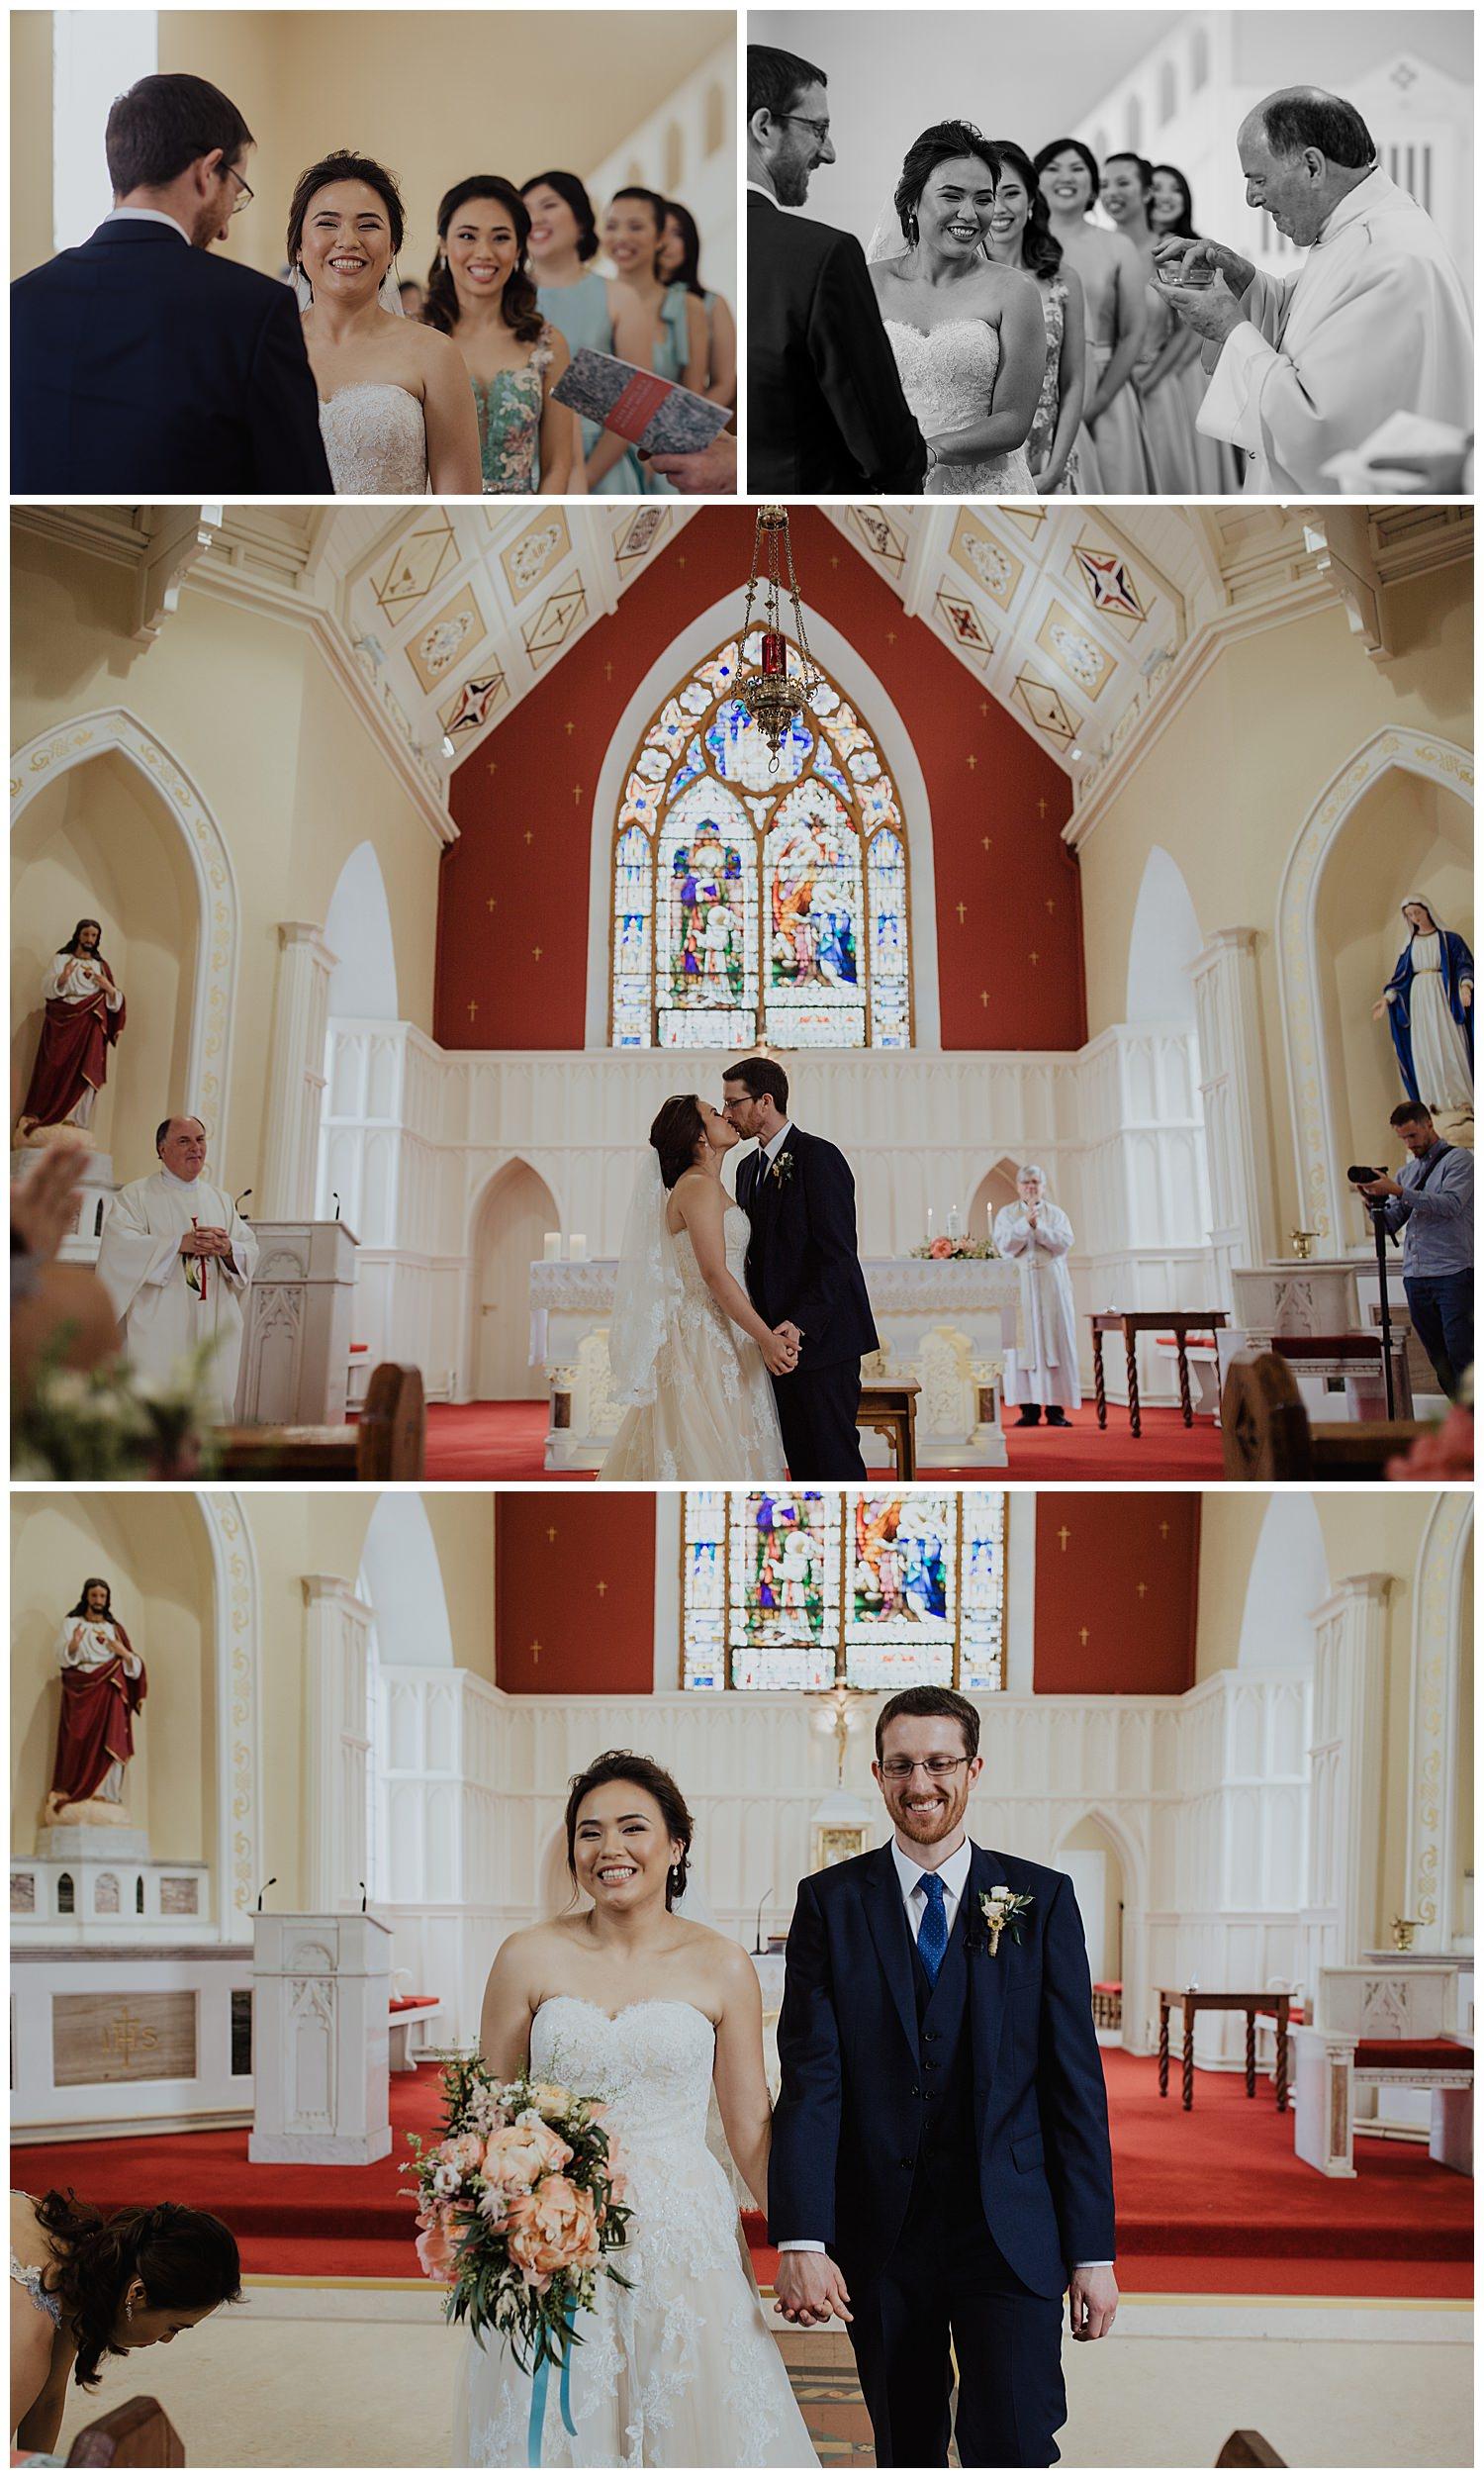 d&m_kilshane_house_wedding_photographer_livia_figueiredo_46.jpg